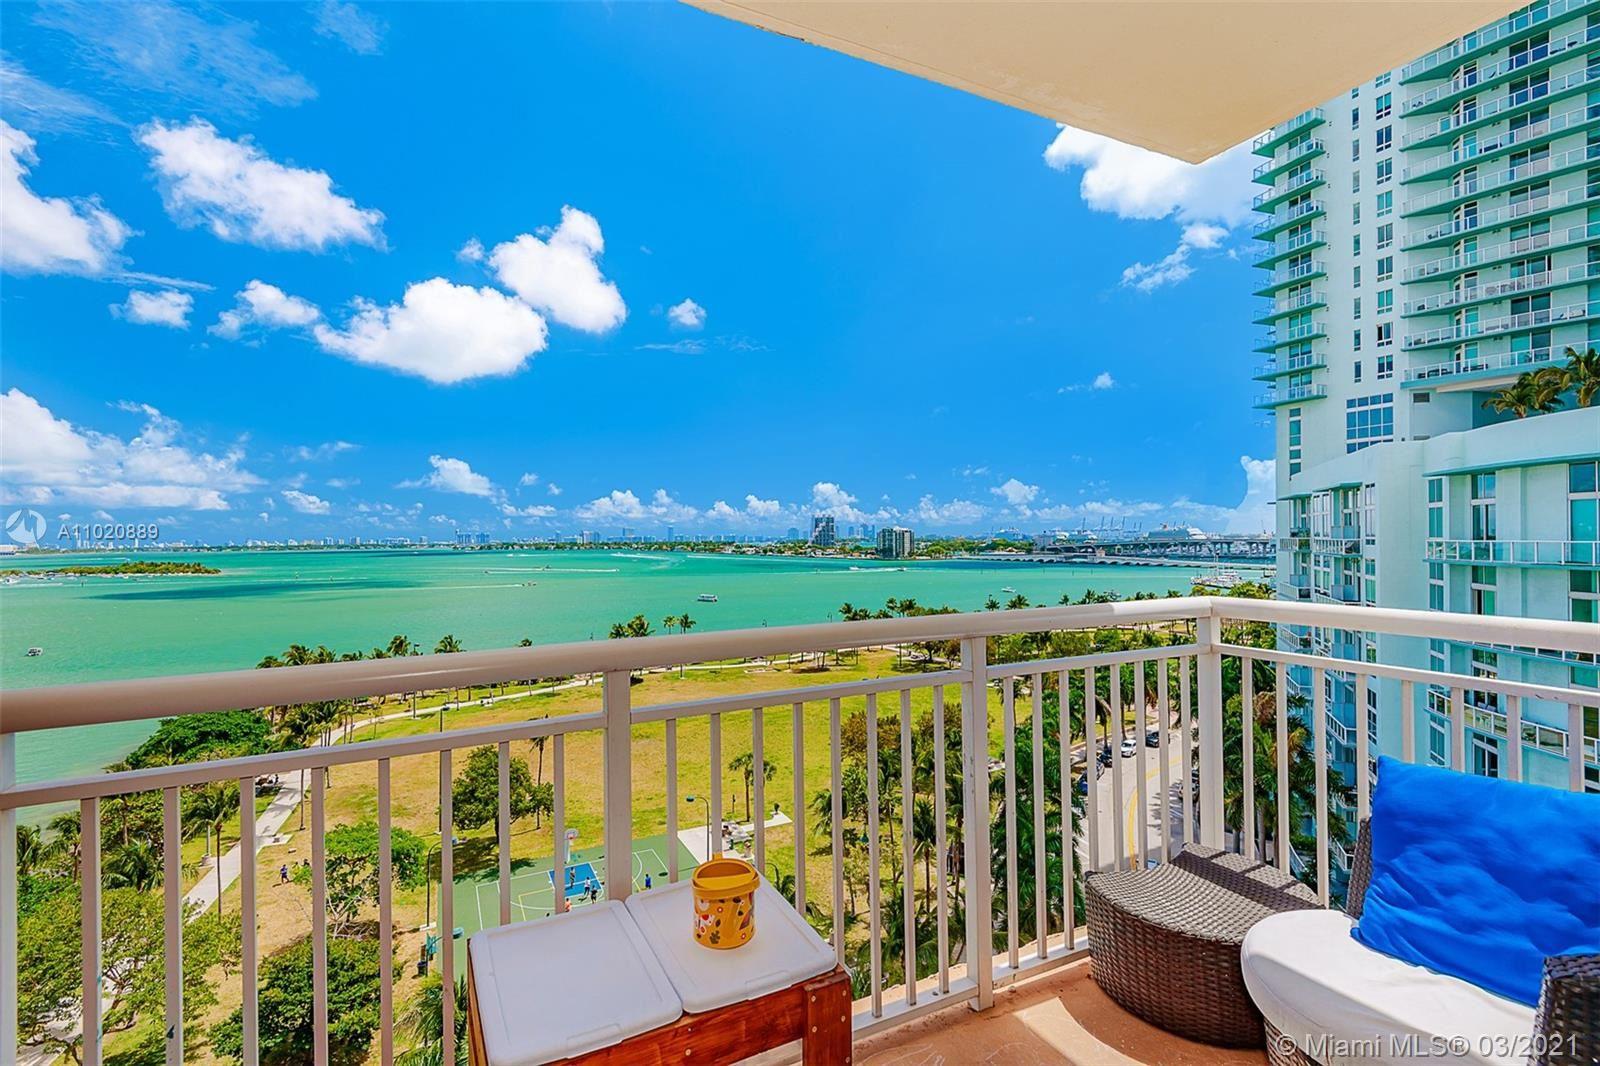 2000 N Bayshore Dr #1010, Miami, FL 33137 - #: A11020889